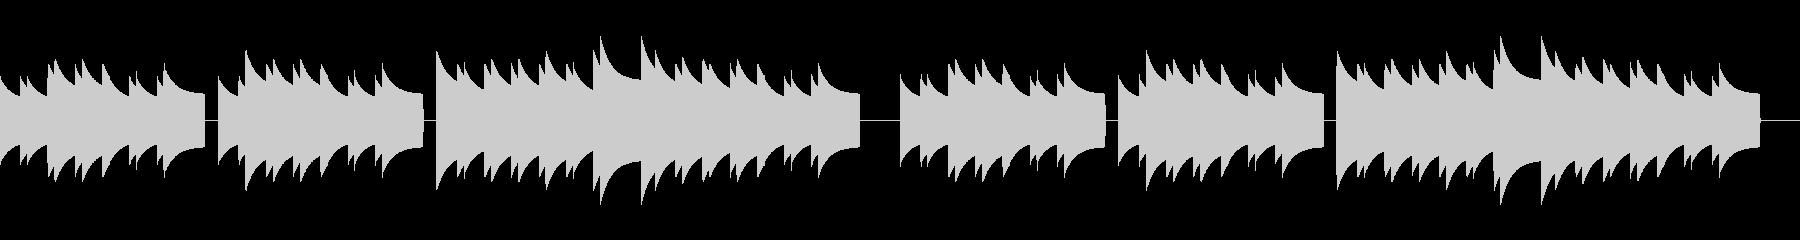 歩行者用信号機の音_故郷の空_02の未再生の波形